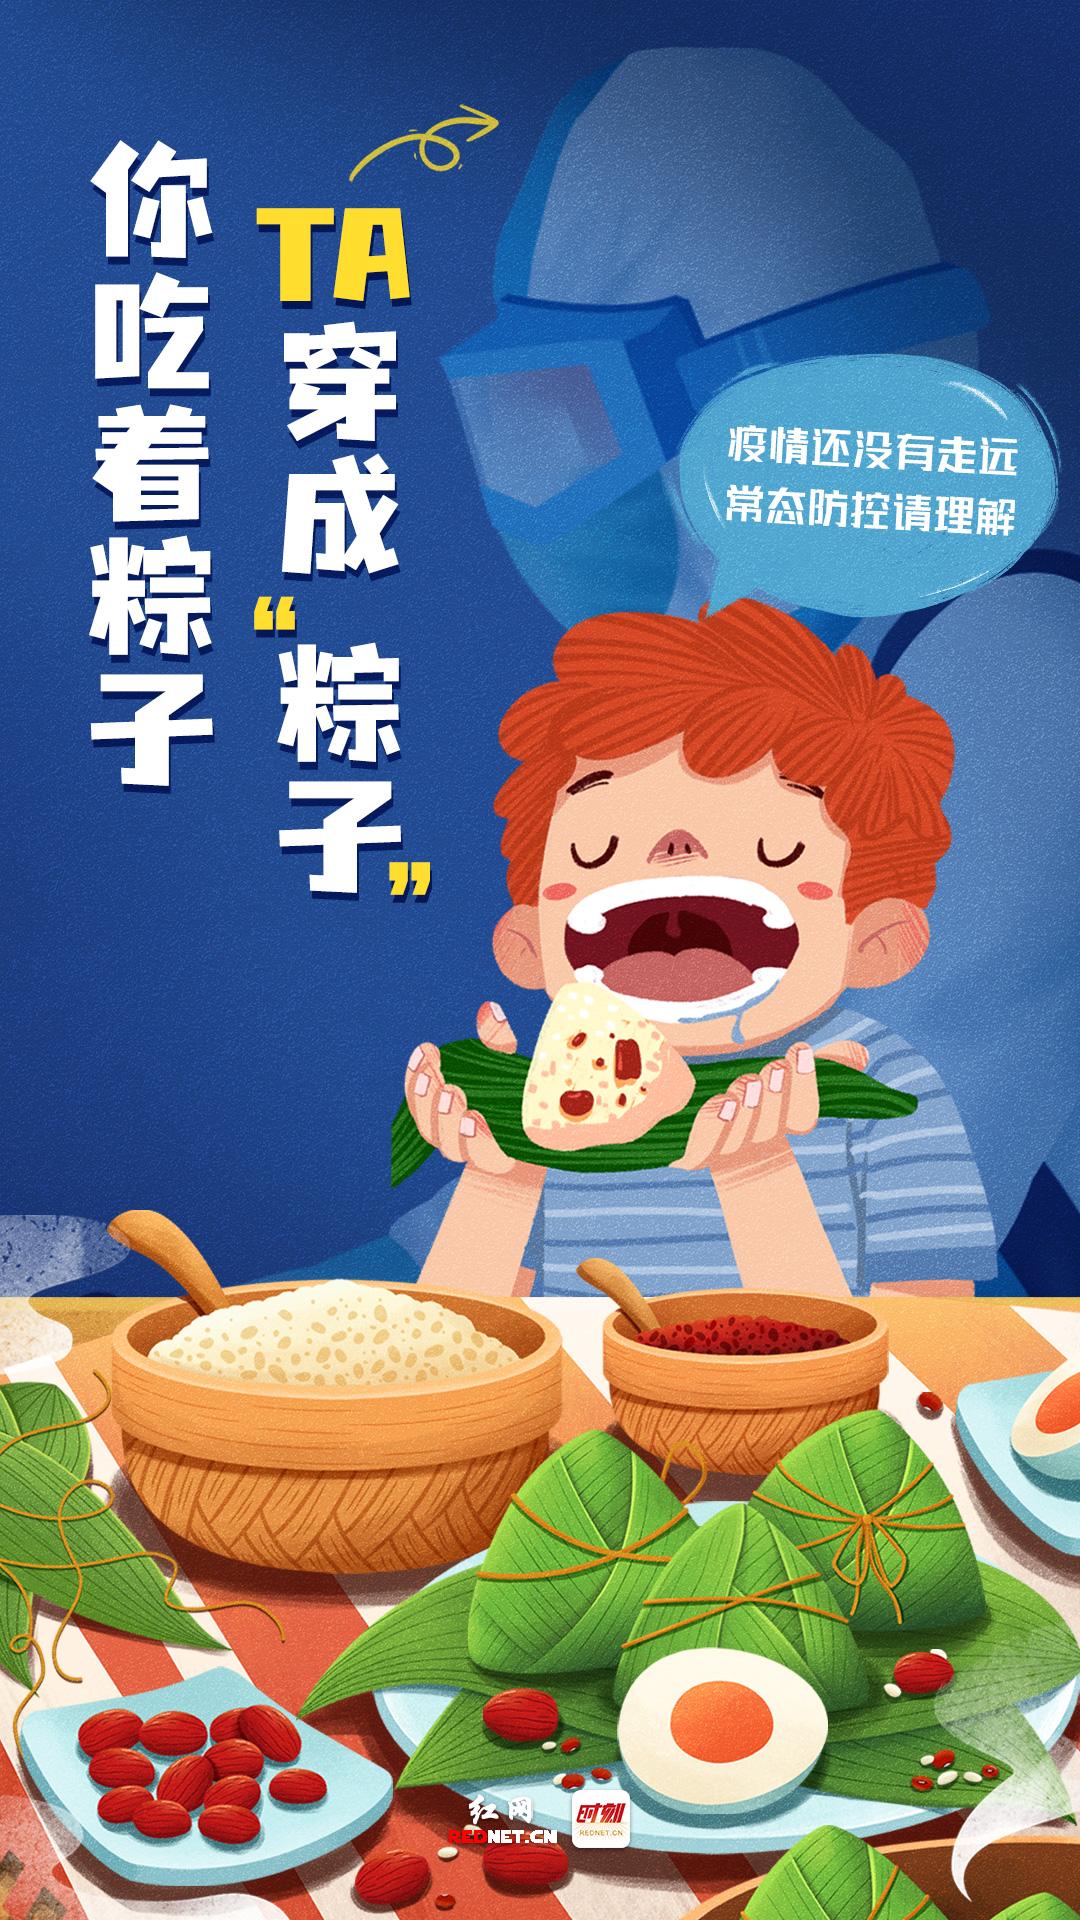 """你吃着粽子-TA穿成""""粽子"""".jpg"""